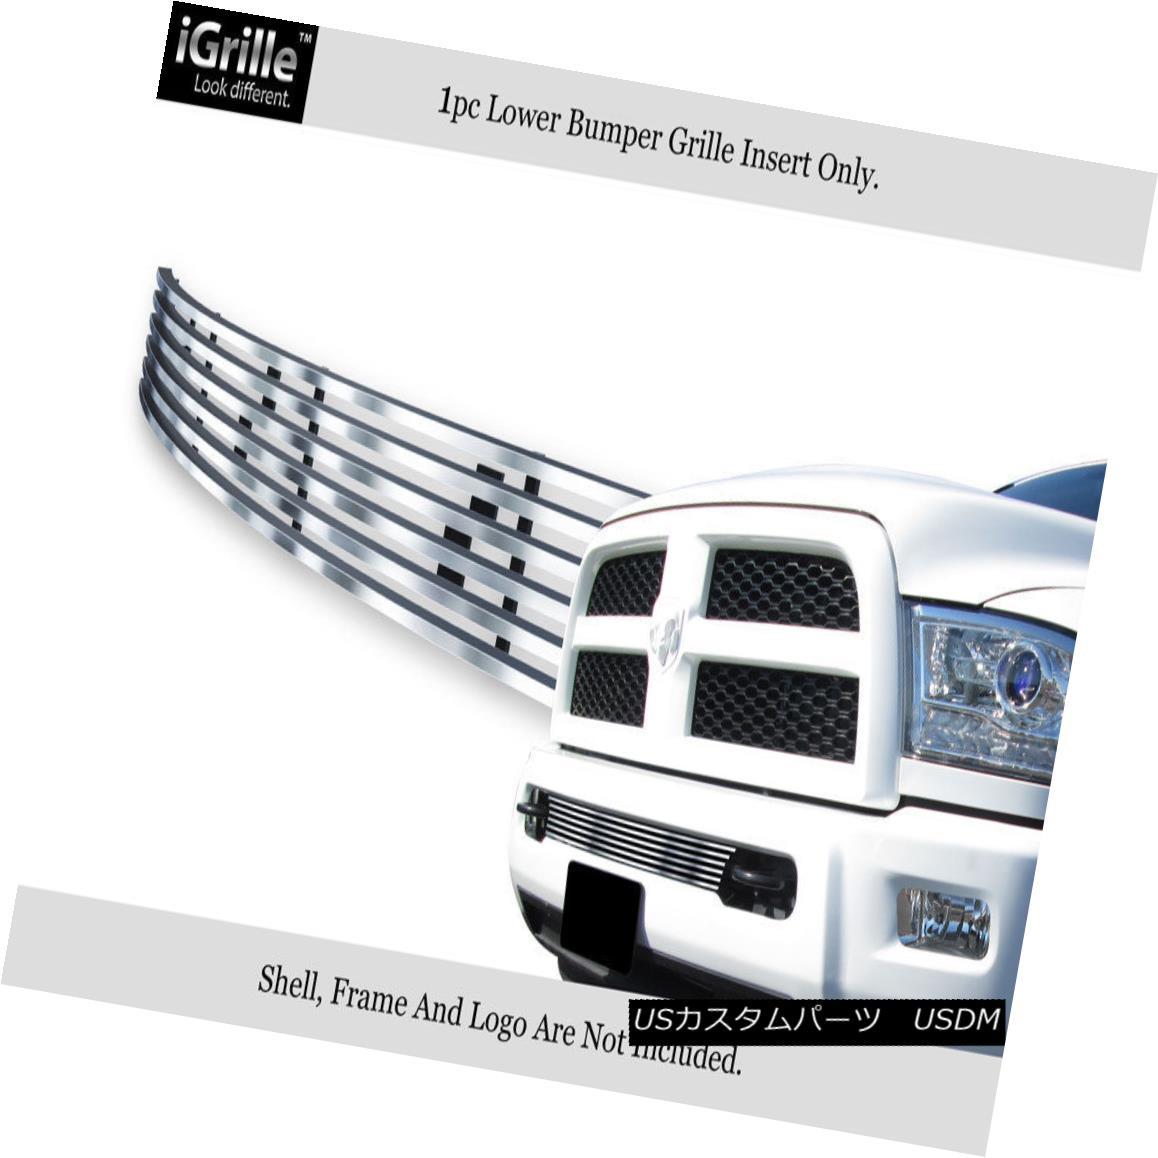 Bumper Insert Ram Fits Ram Stainless グリル 2500/3500バンパーステンレス鋼ビレットグリルインサート 2013-2017 Grille Steel Billet 2500/3500 2013-2017